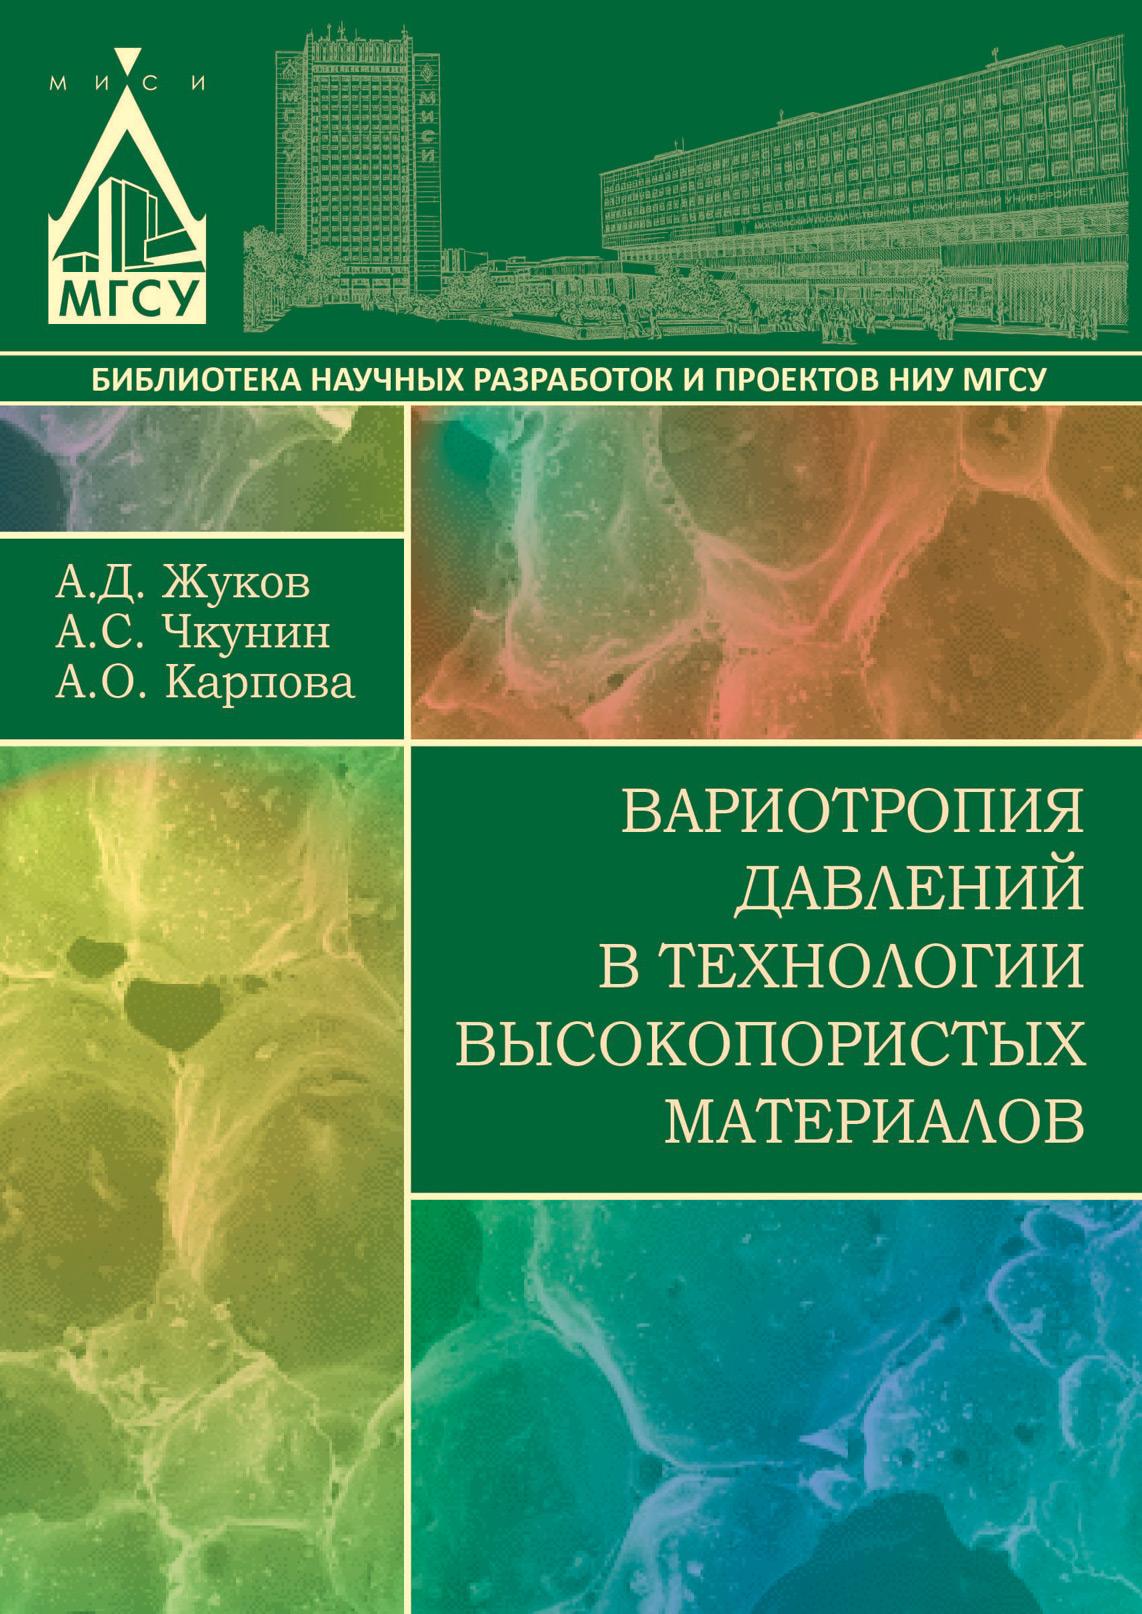 А. Д. Жуков Вариотропия давлений в технологии высокопористых материалов москаленко а оптимизация налогообложения на примере рыбной отрасли